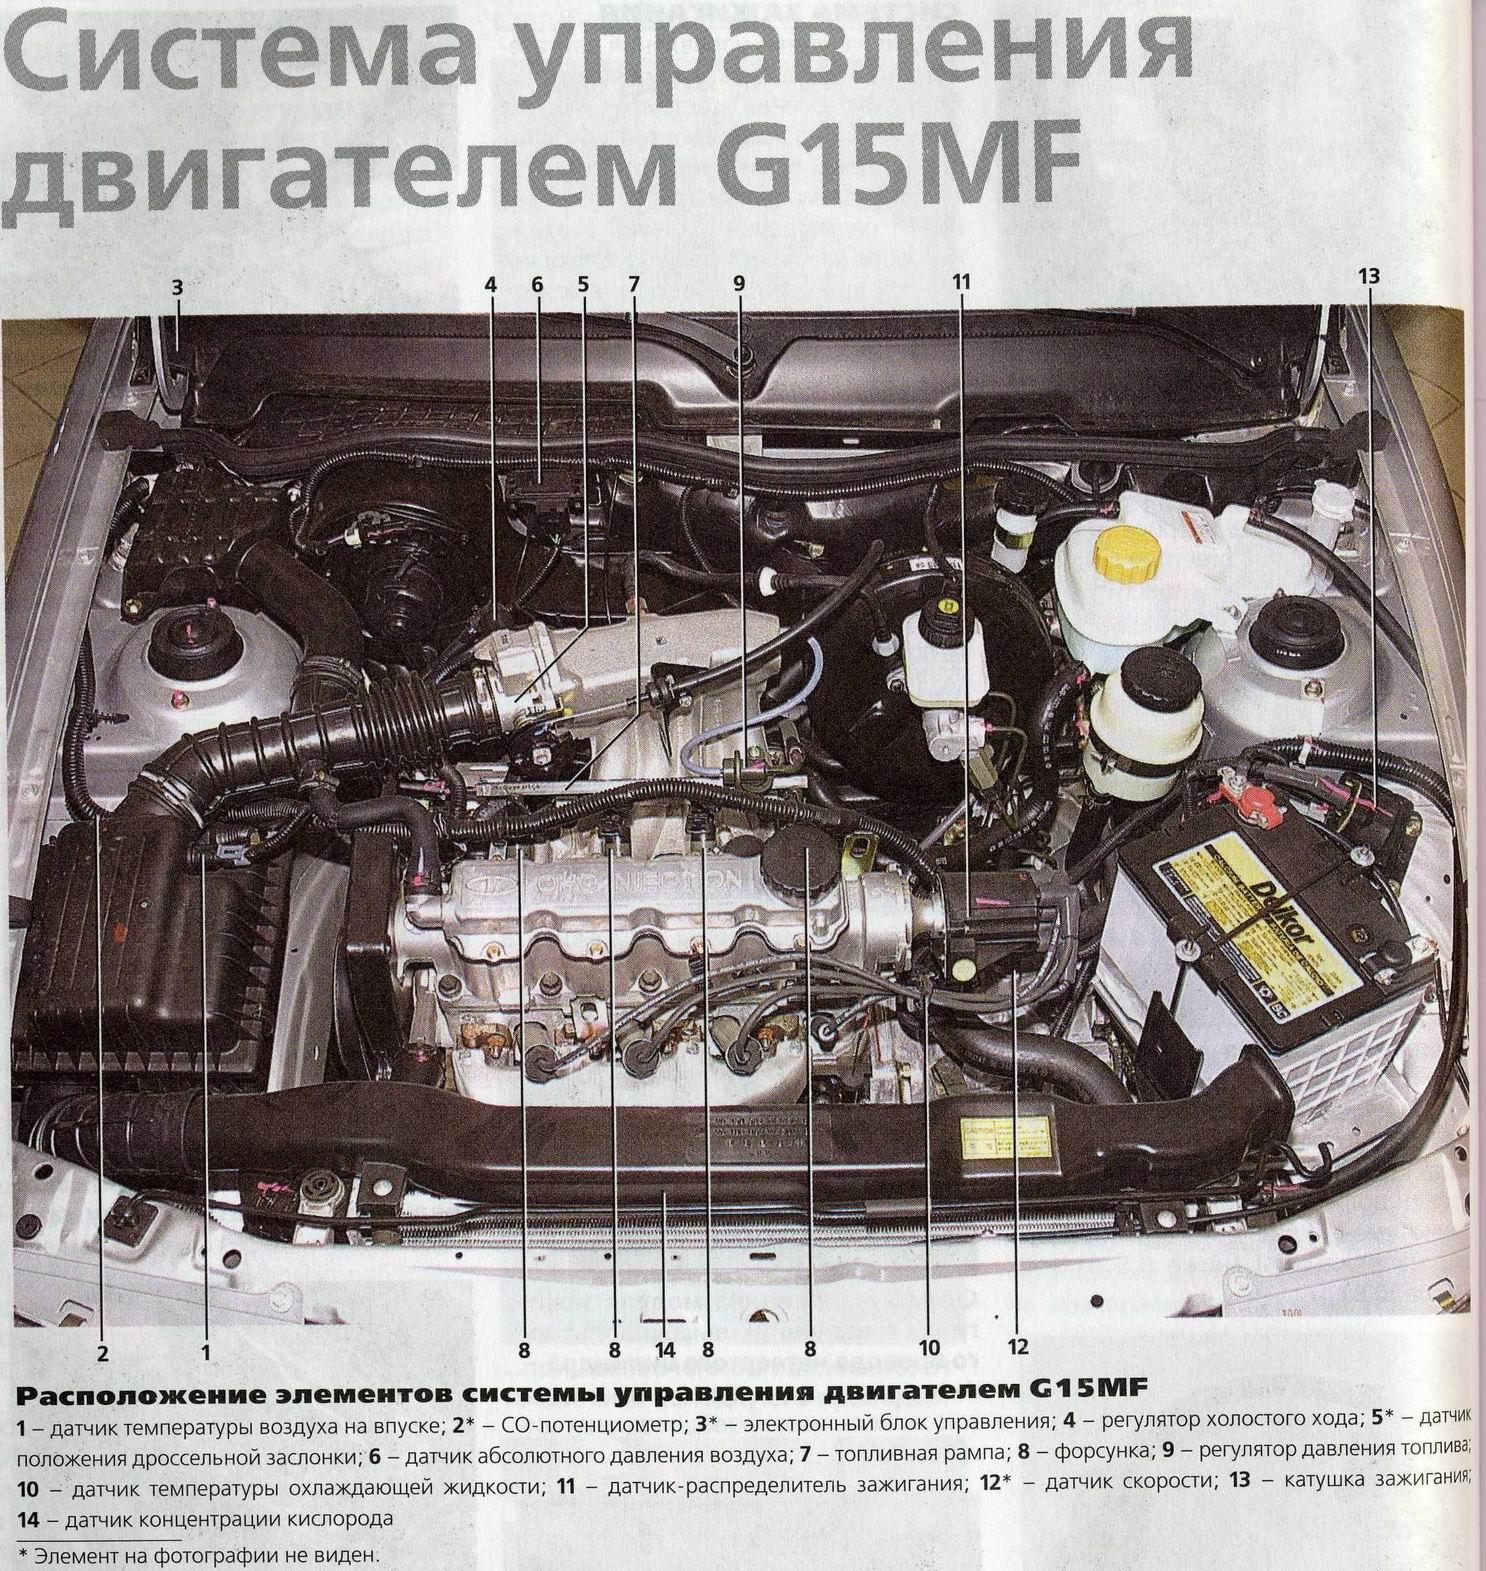 фото двигателя с описанием нексия лишь свечи